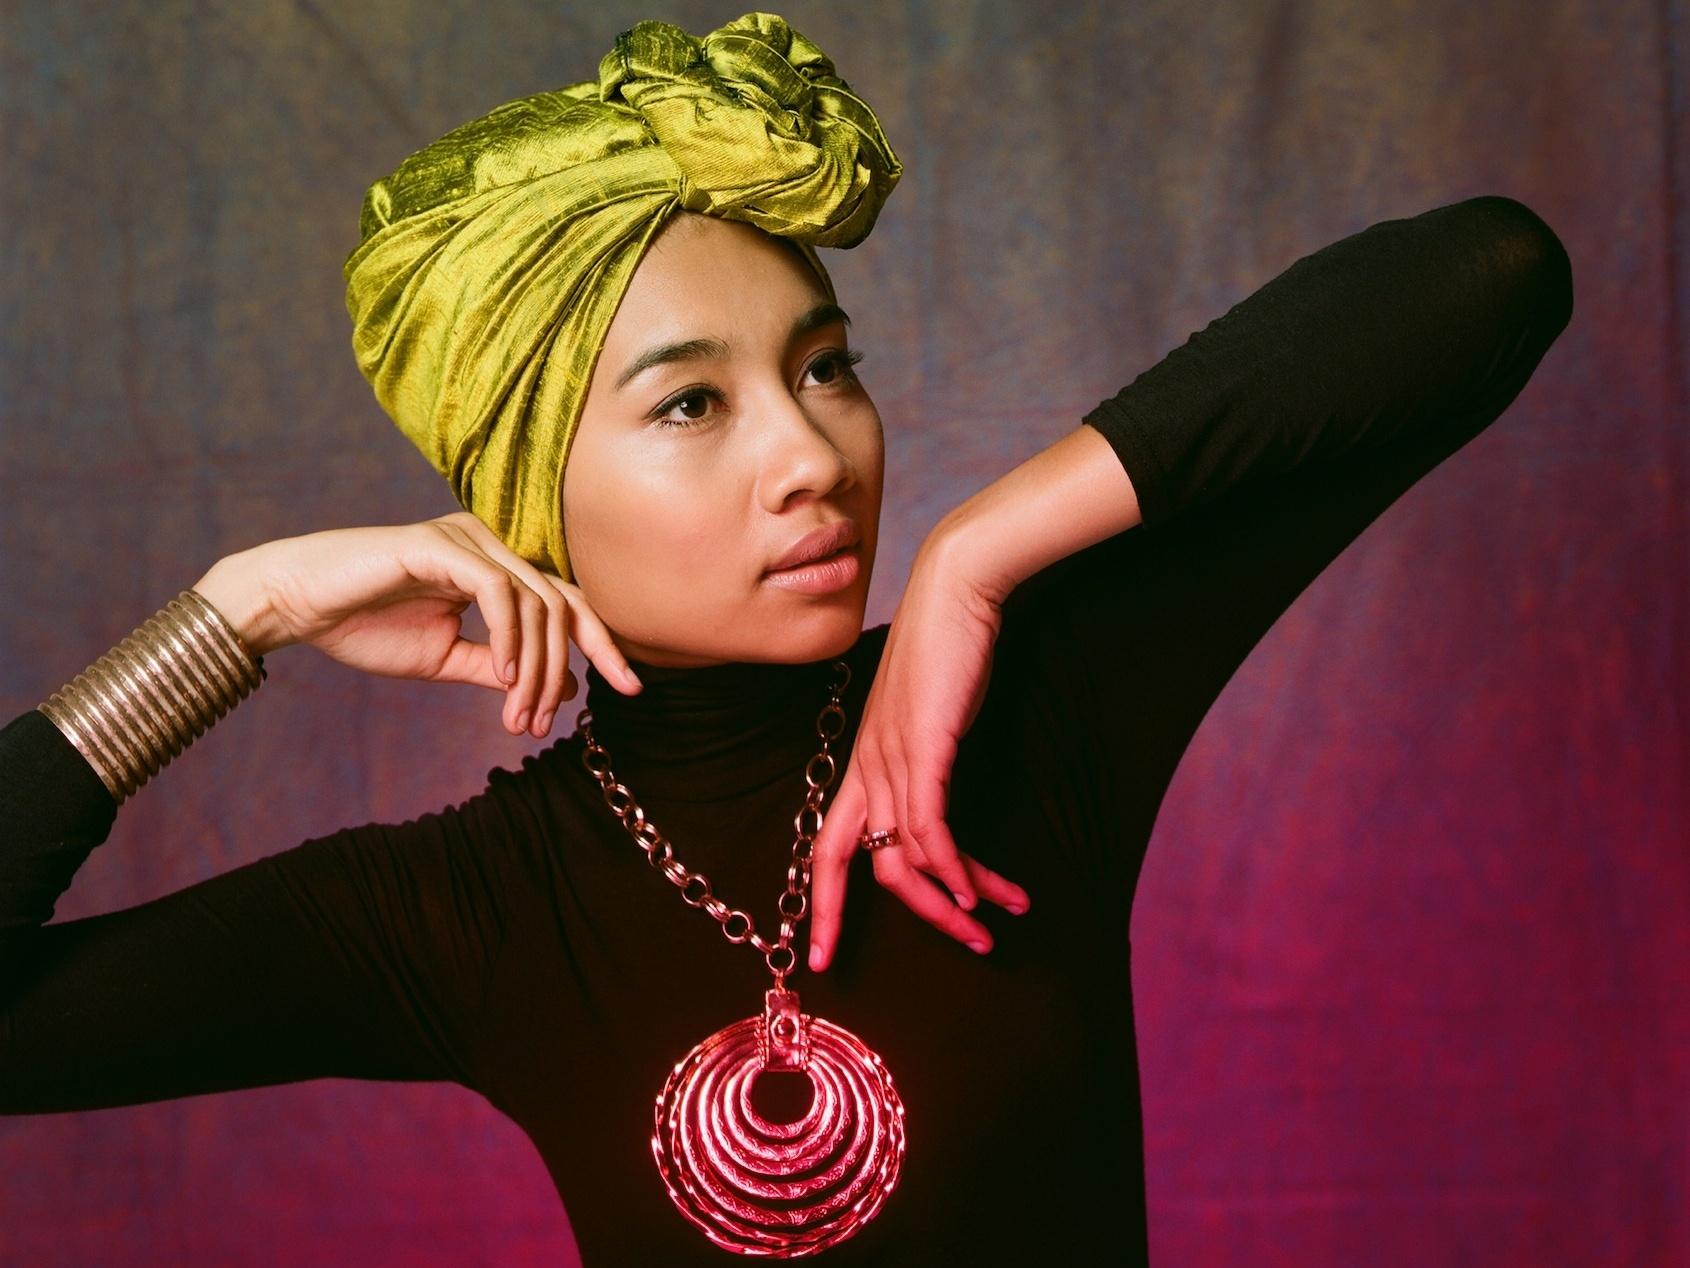 Muslim Pop Star Yuna Climbs The U.S. Charts : NPR